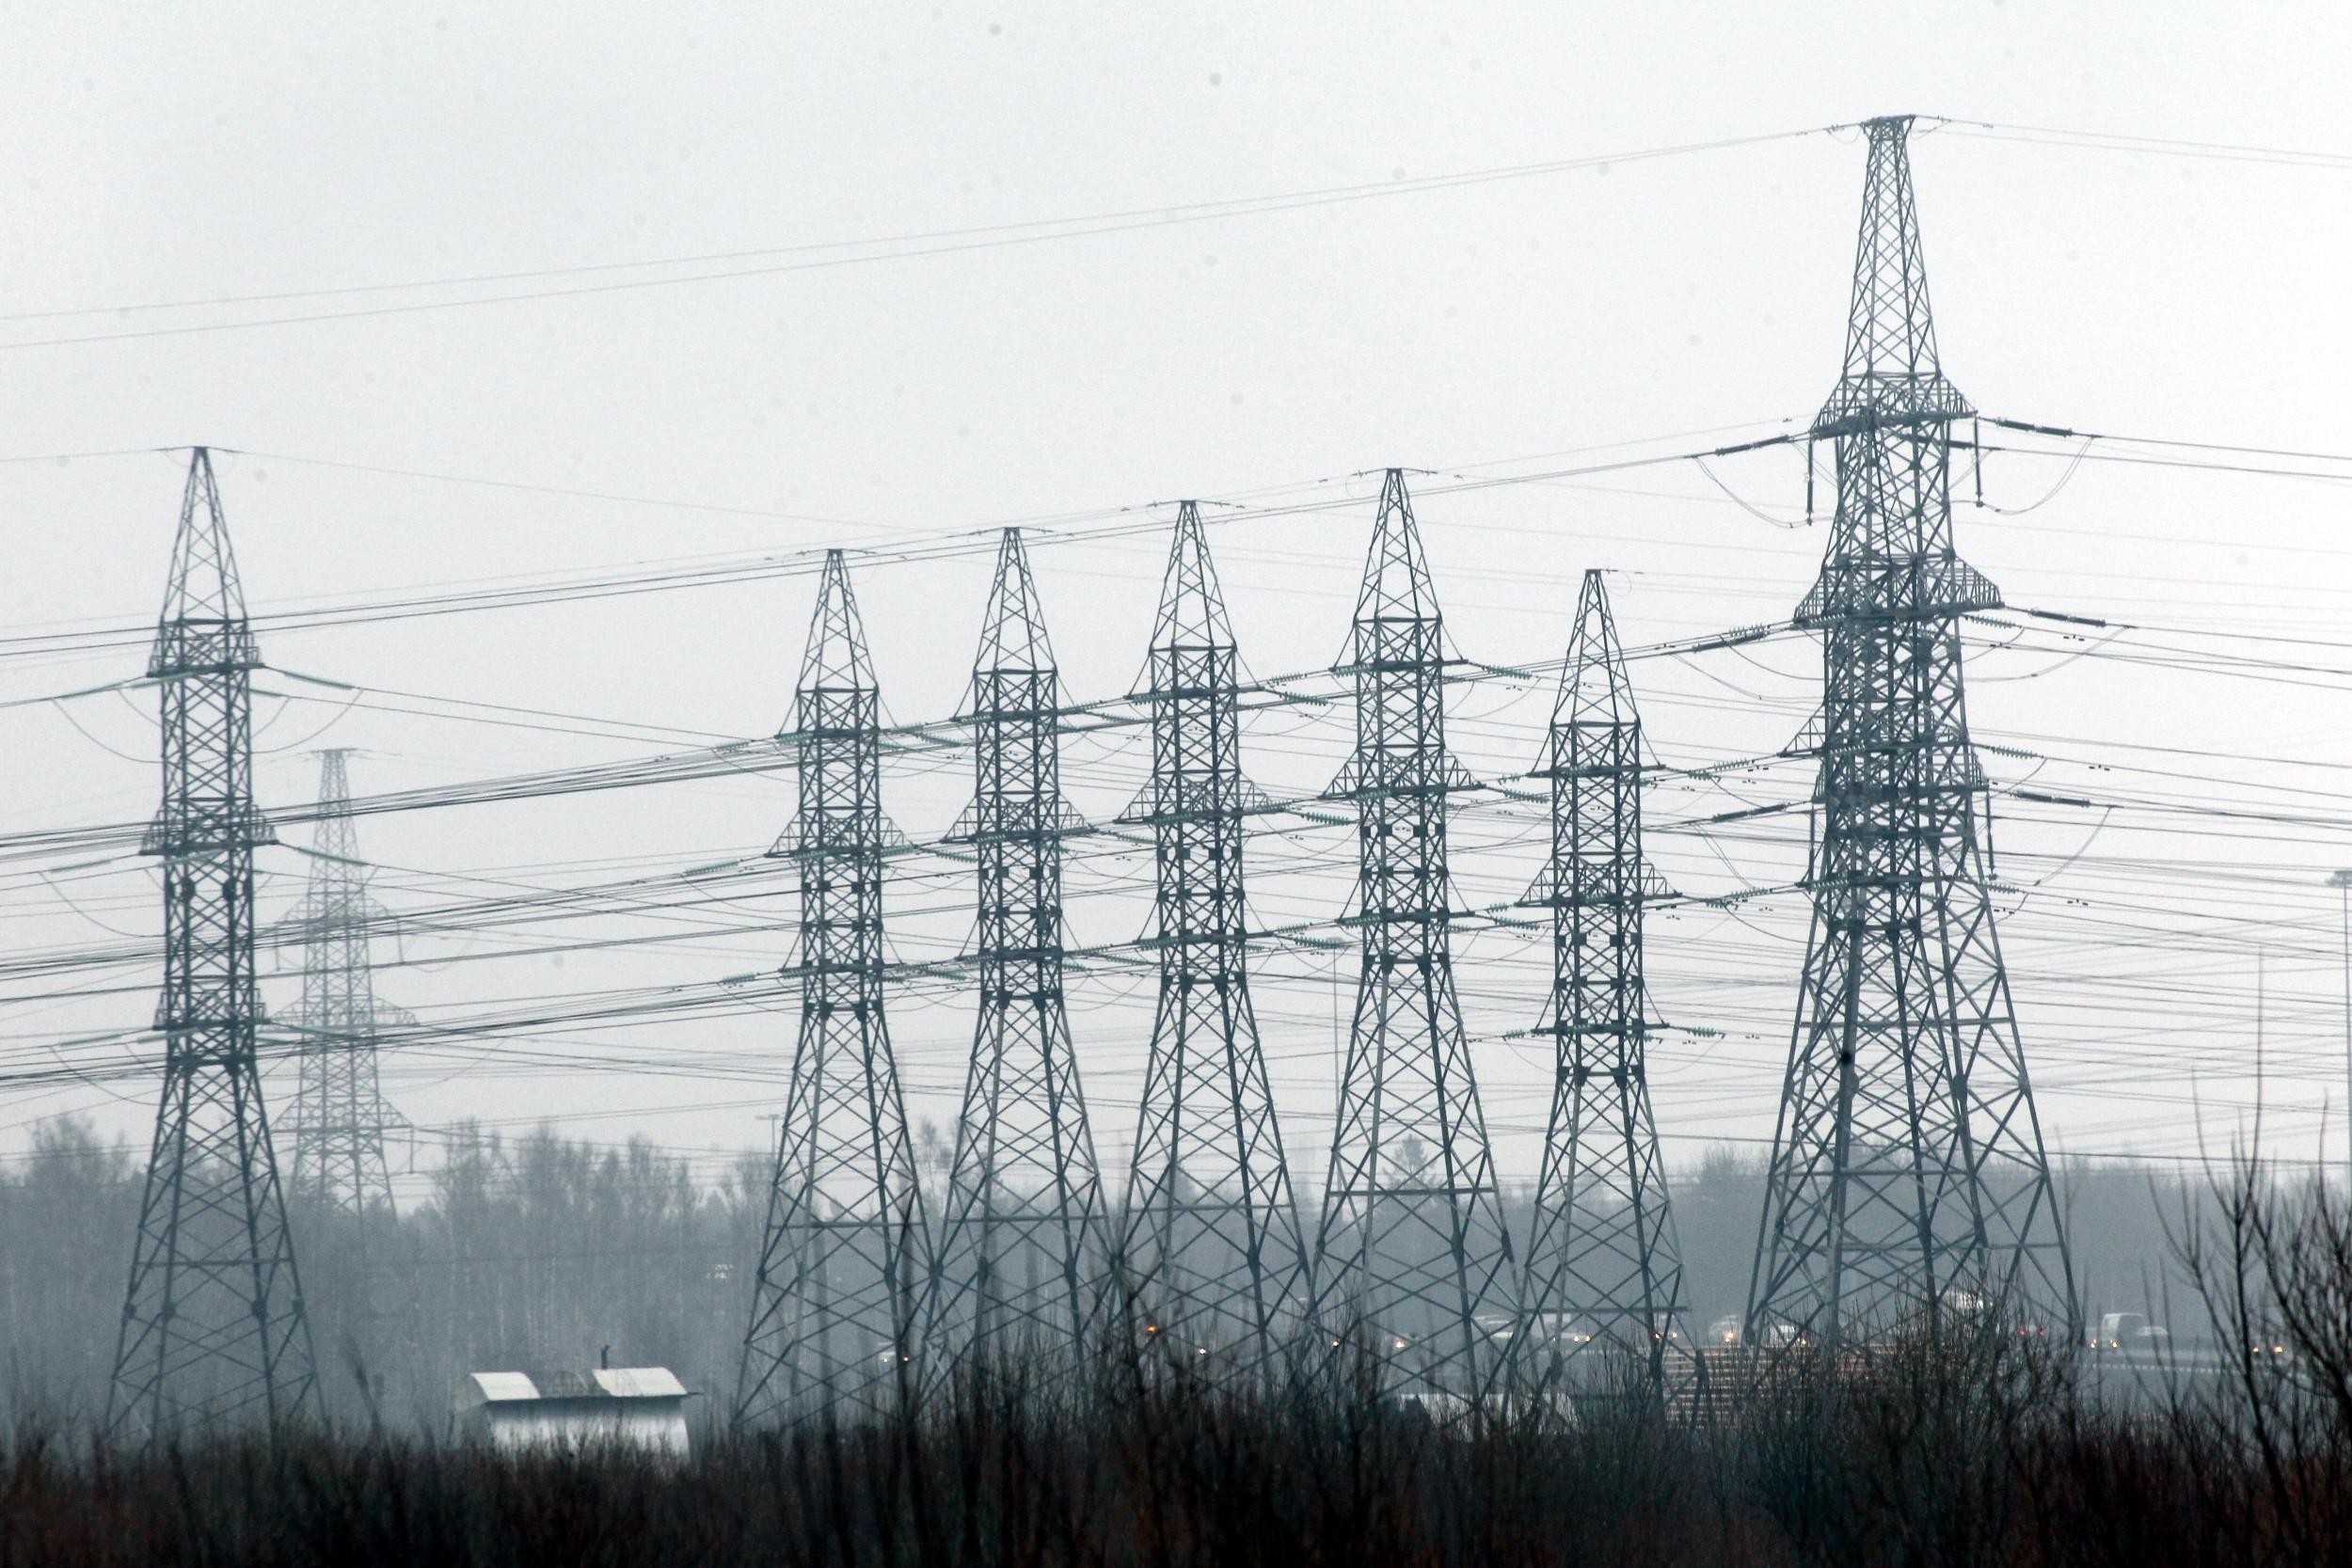 высоковольтные линии электропередач лэп энергетика электричество